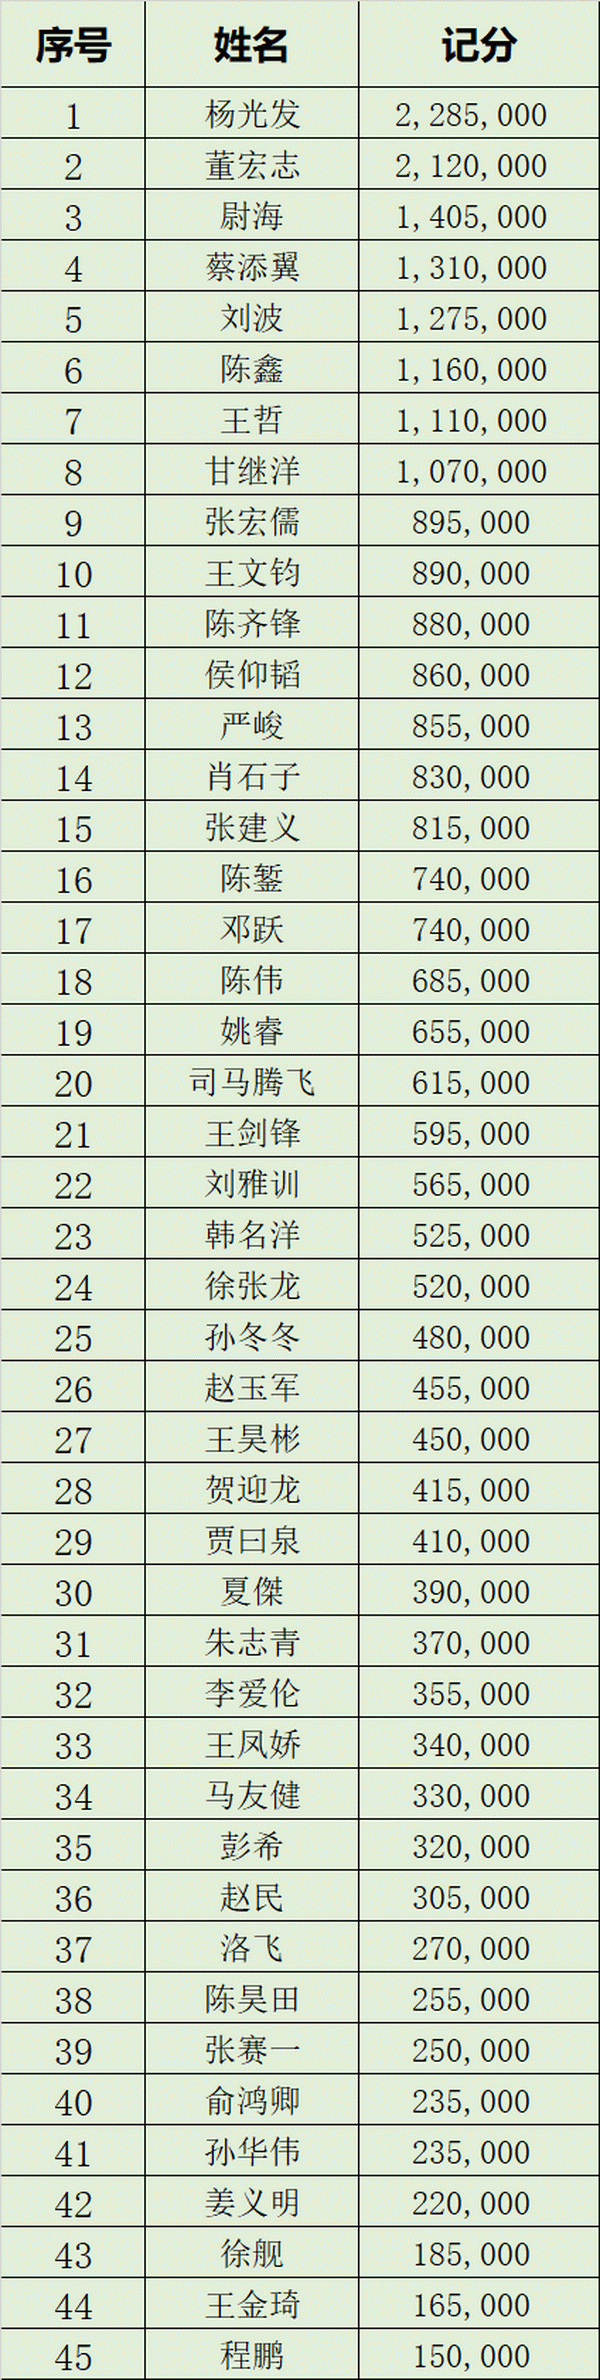 国家杯济南站 |鸿楠遗憾成泡沫,杨光发领衔45人进入半决赛冲击决赛圈!